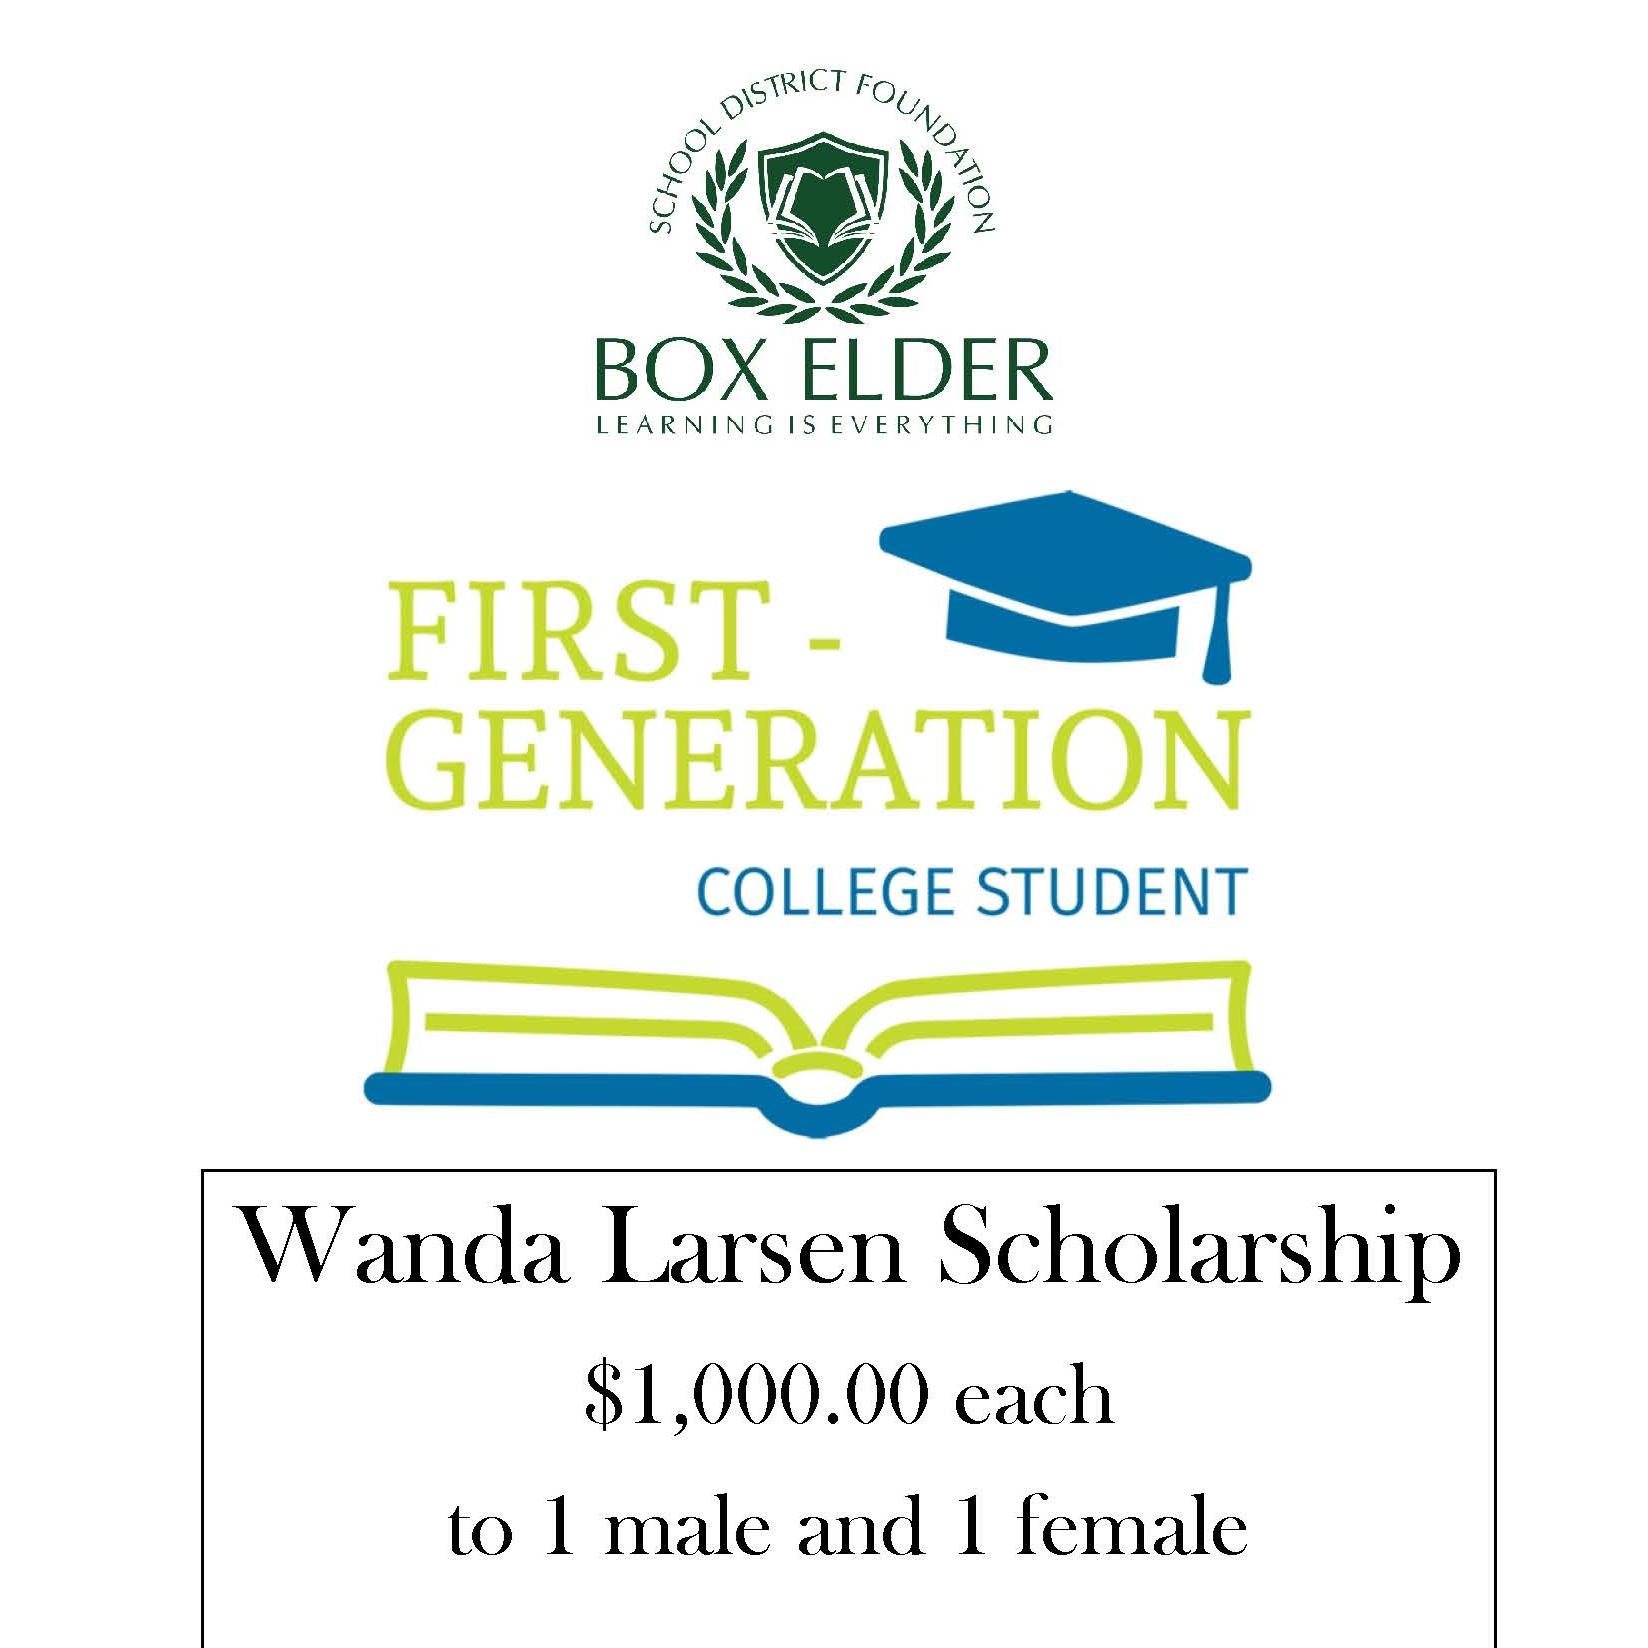 Wanda Larsen Scholarship